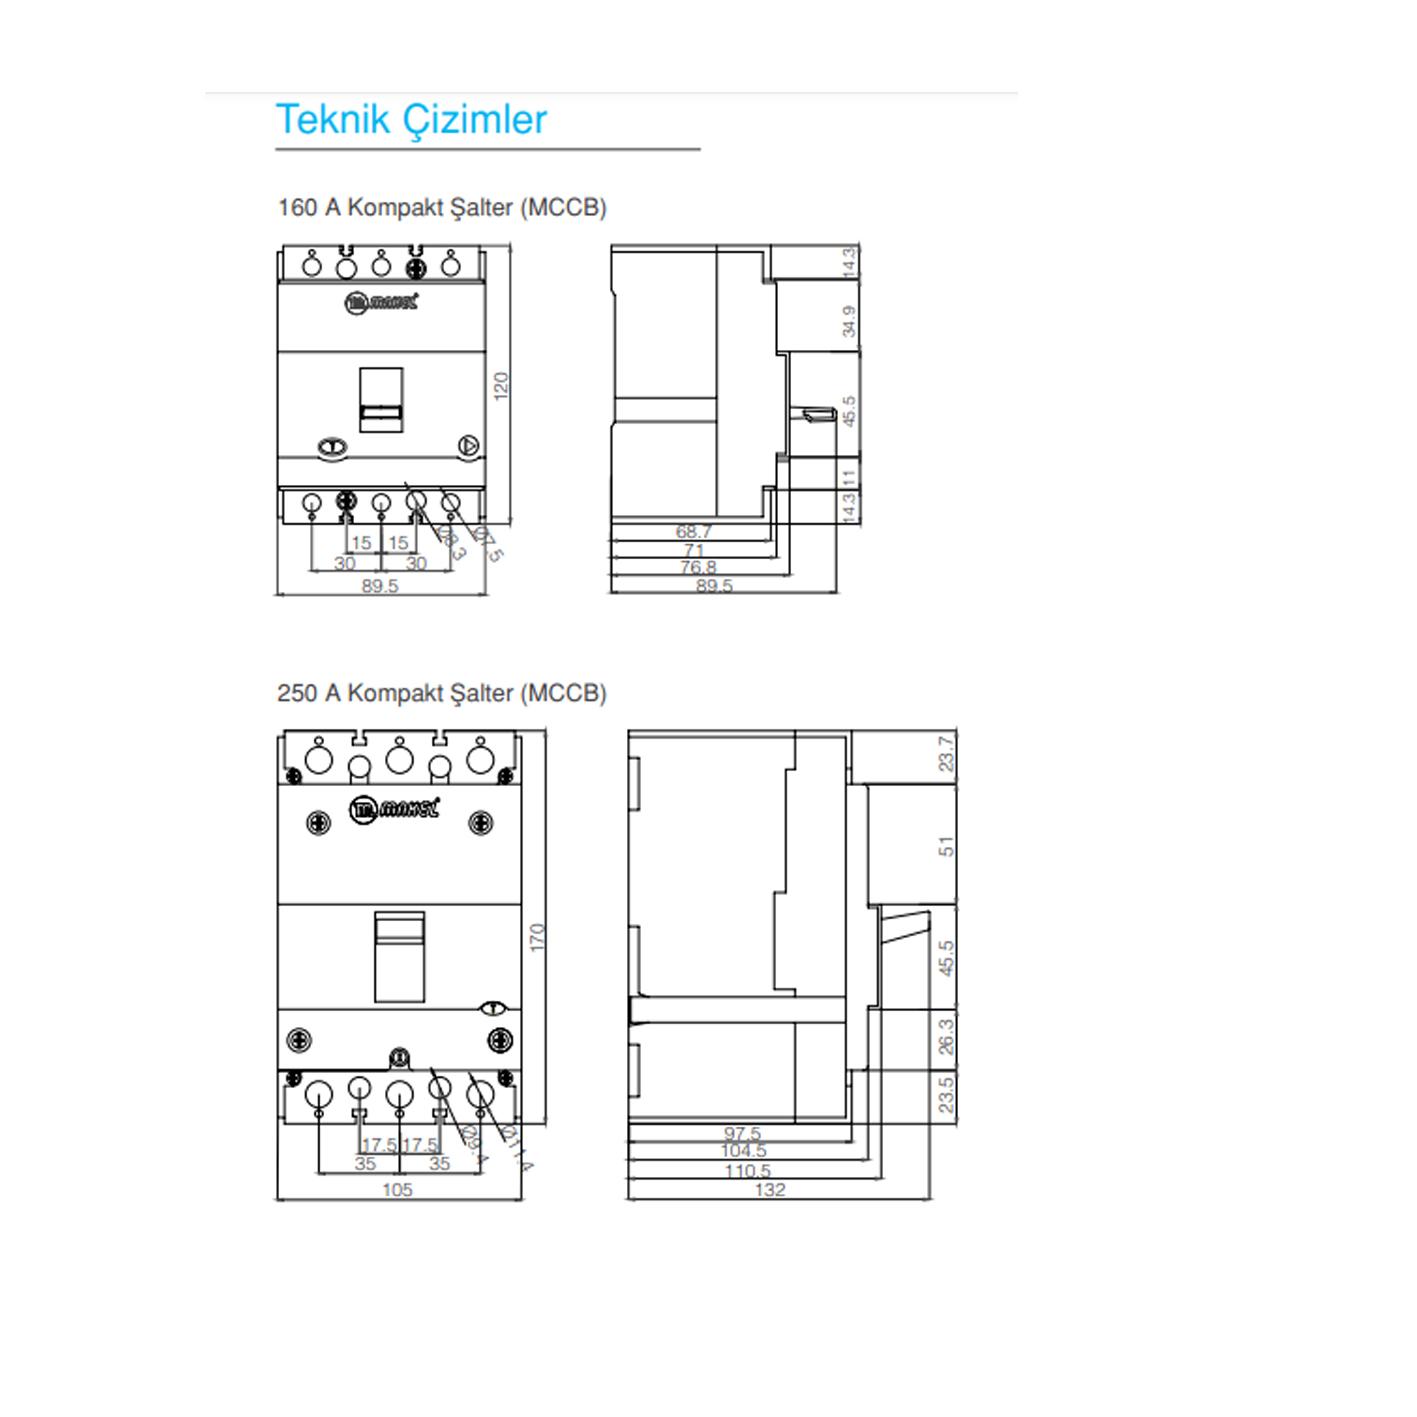 Makel 80A Kompakt Tip Termik Manyetik Güç Şalteri